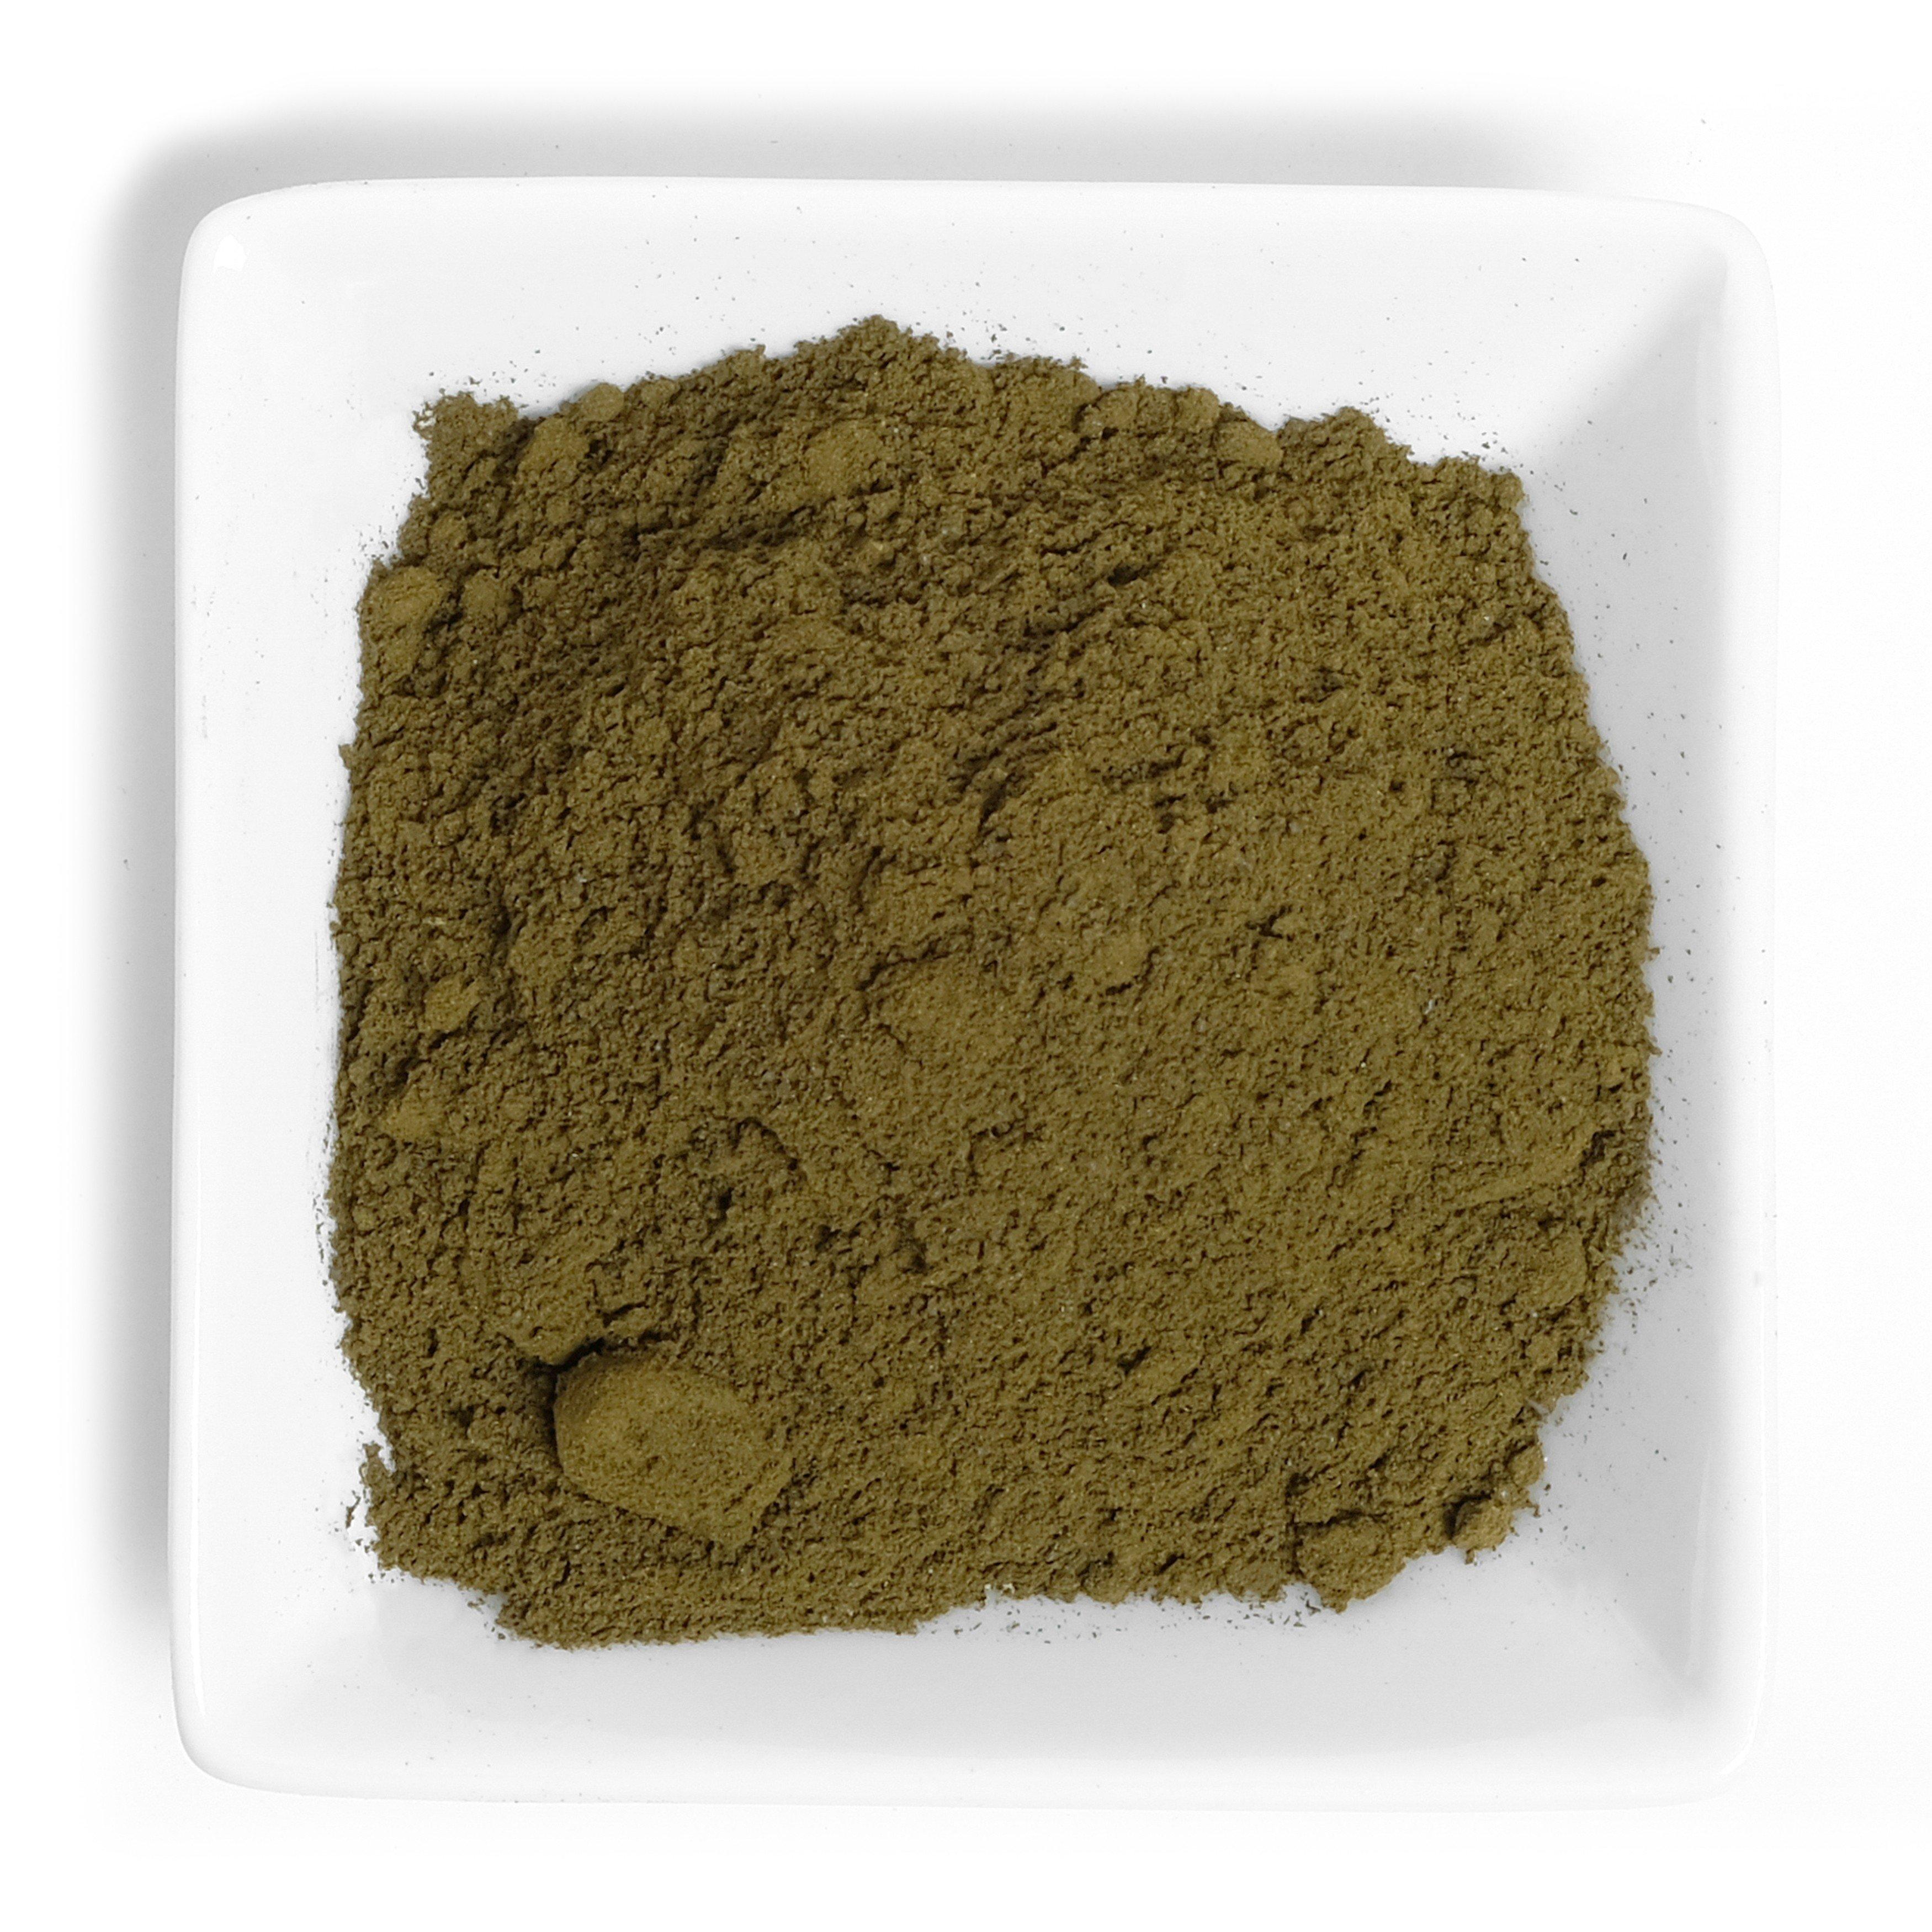 Barong Indo Kratom Extract